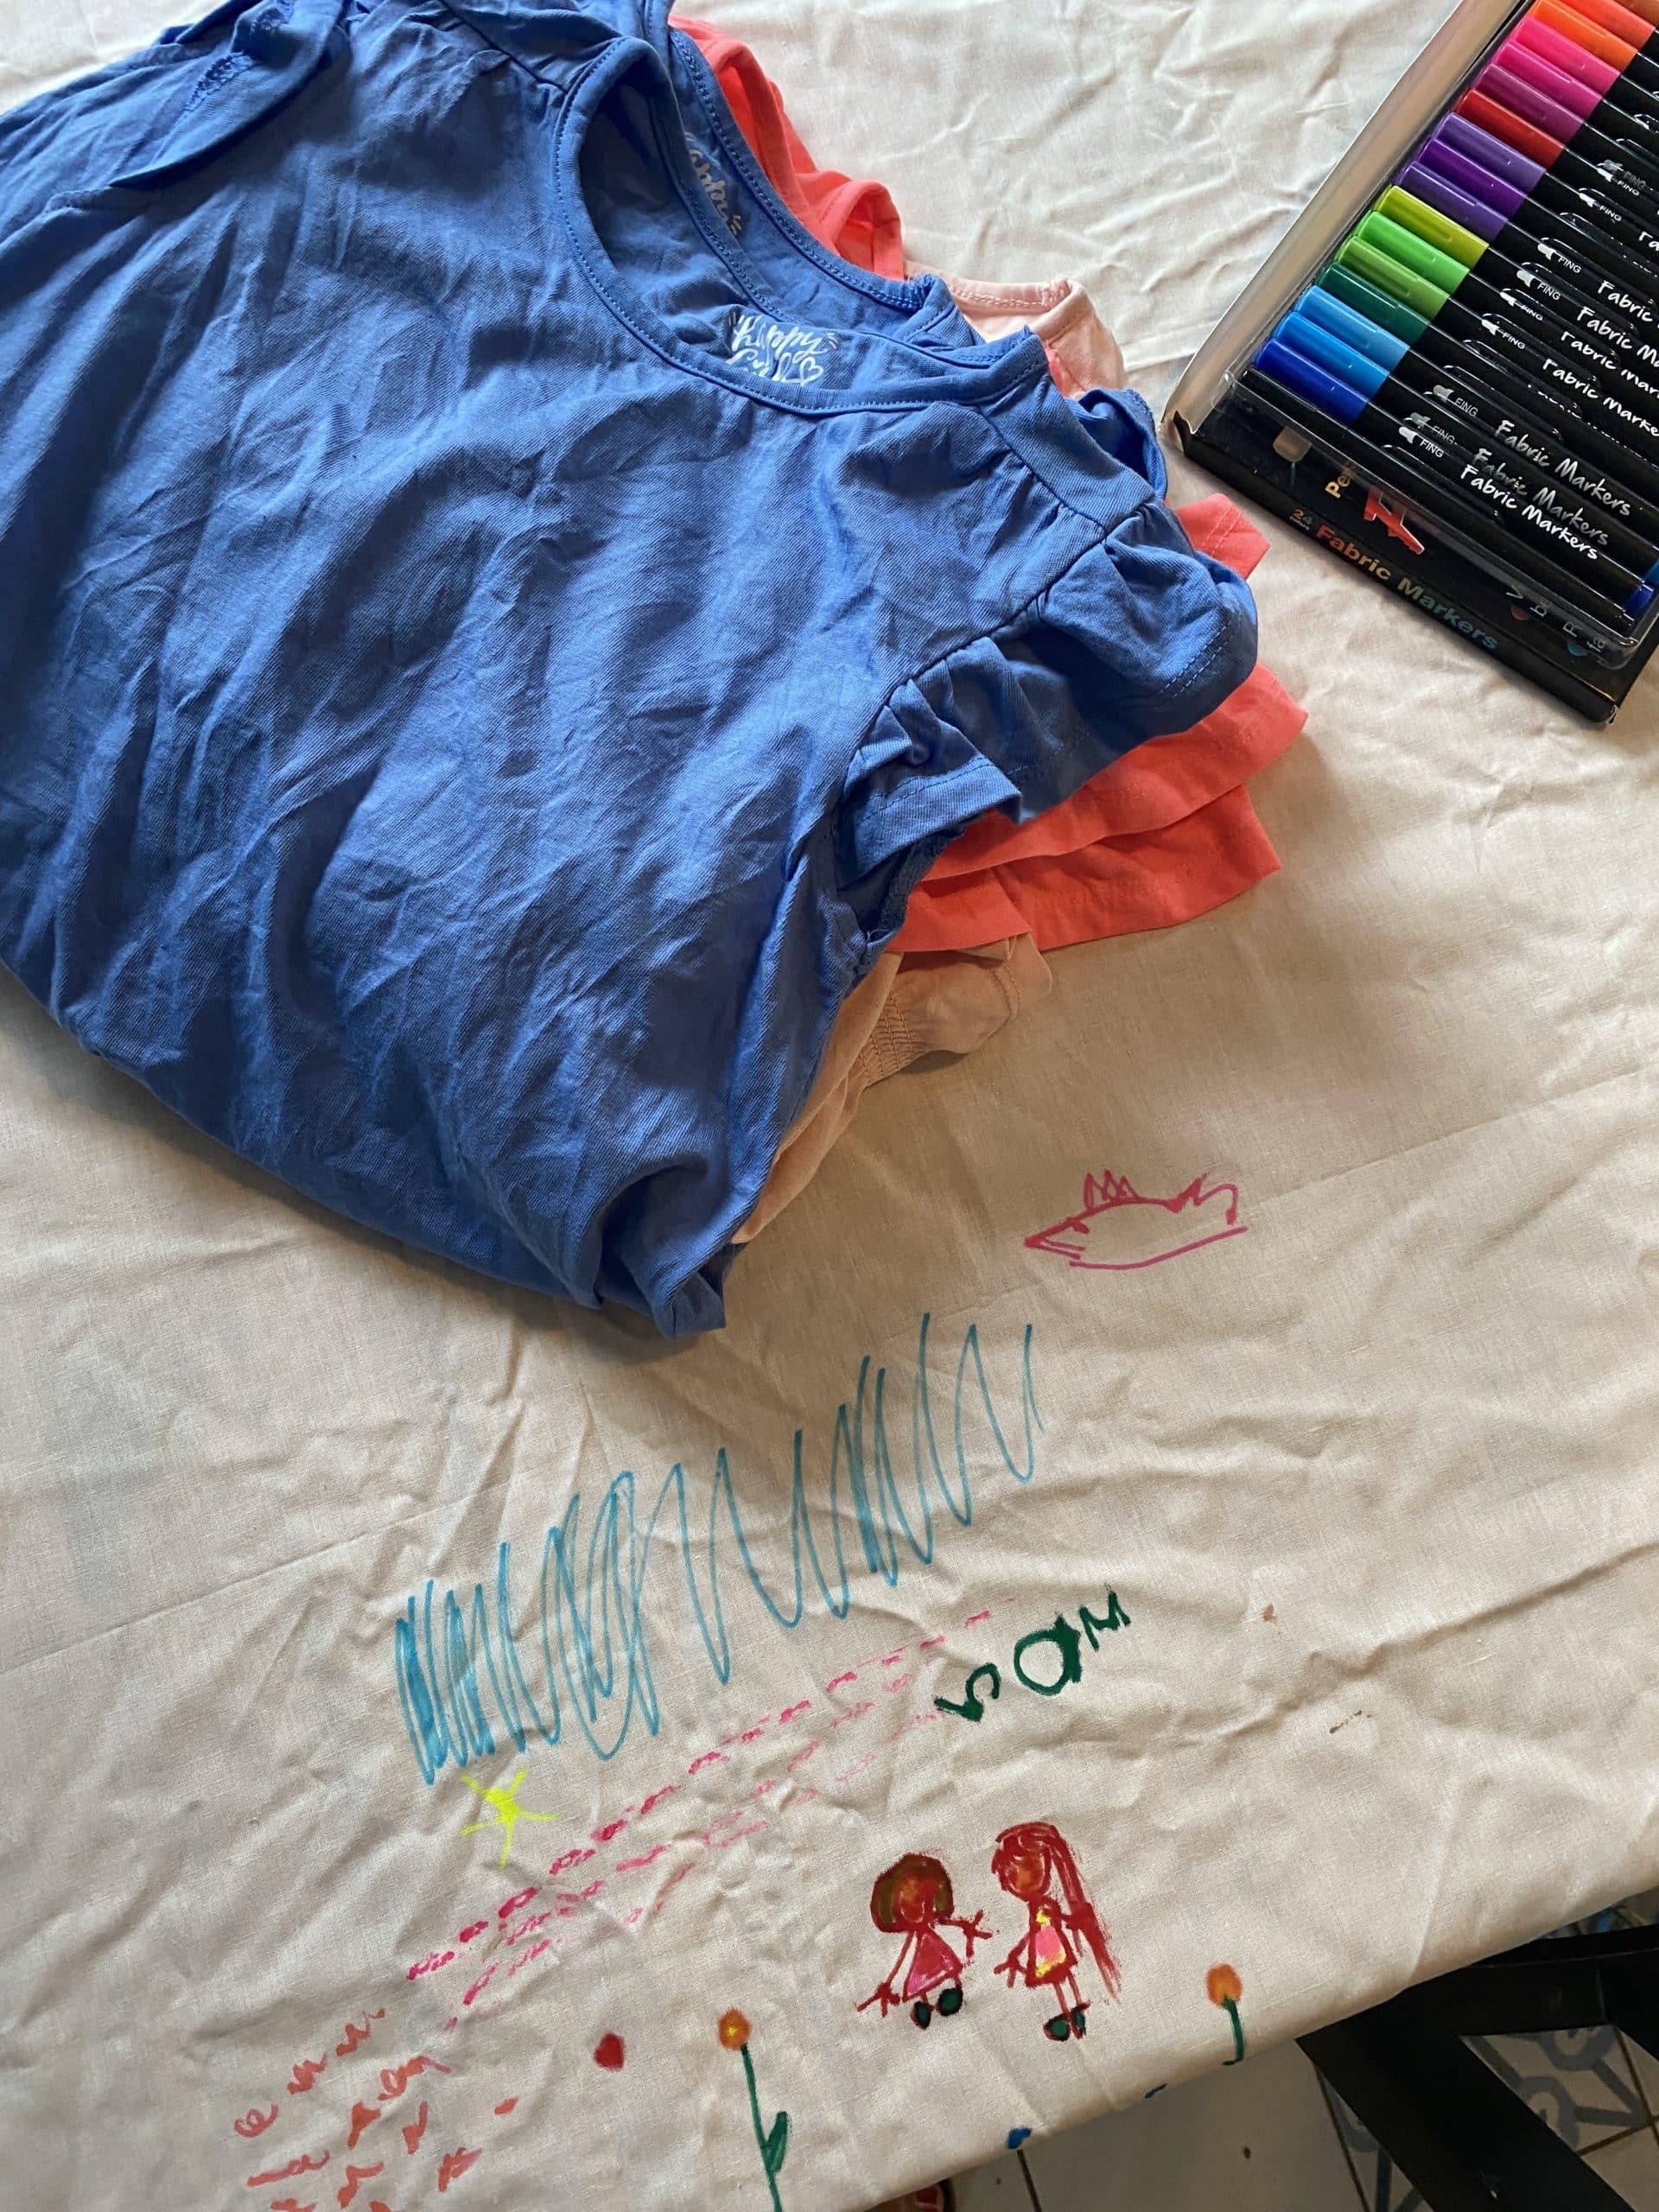 Wir bemalen mit den Kindern heute Shirts (und eine Tischdecke), alles ganz friedlich-